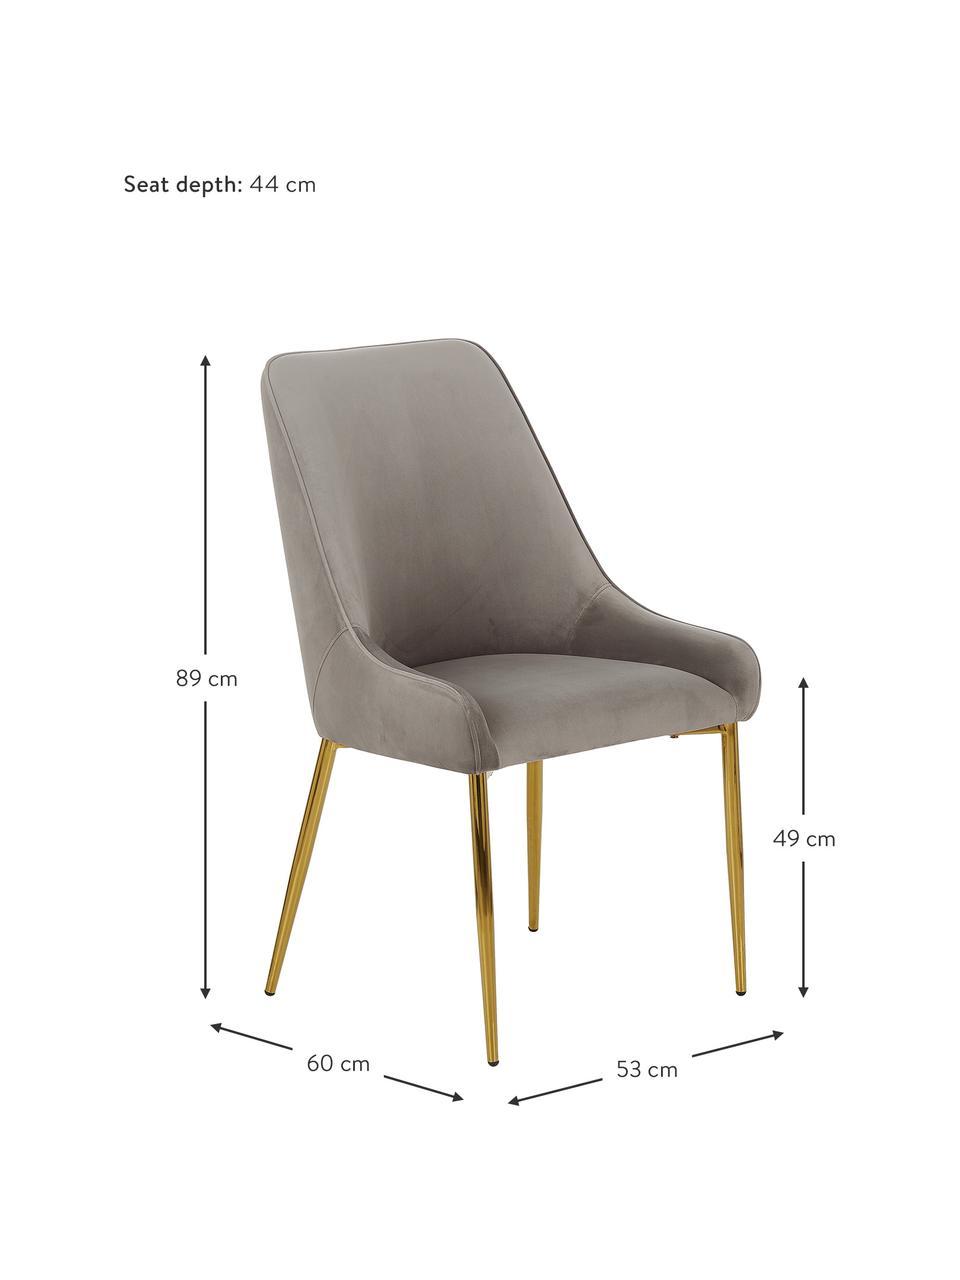 Krzesło tapicerowane z aksamitu Ava, Tapicerka: aksamit (100% poliester) , Nogi: metal galwanizowany, Aksamitny taupe, S 53 x G 60 cm